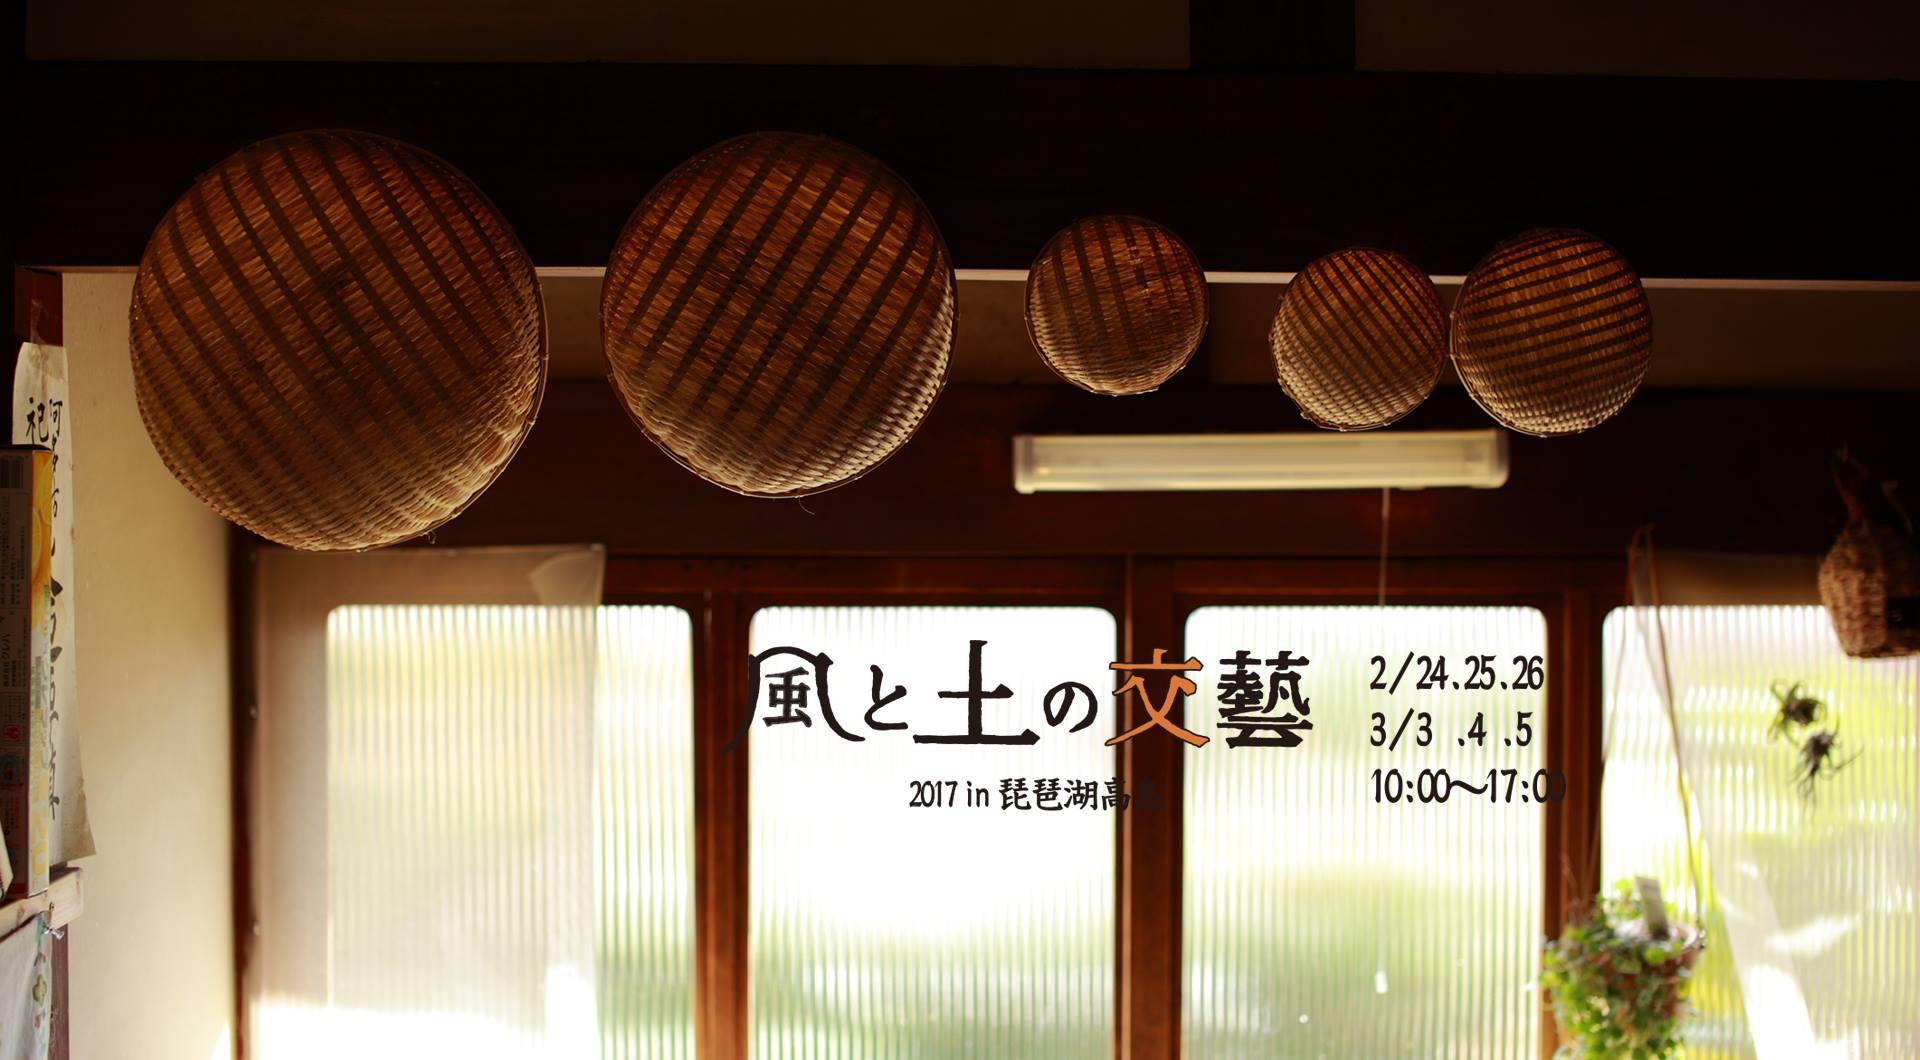 風と土の交藝in琵琶湖高島2年ぶりに復活開催(*´ω`*)_b0165454_11115234.jpg